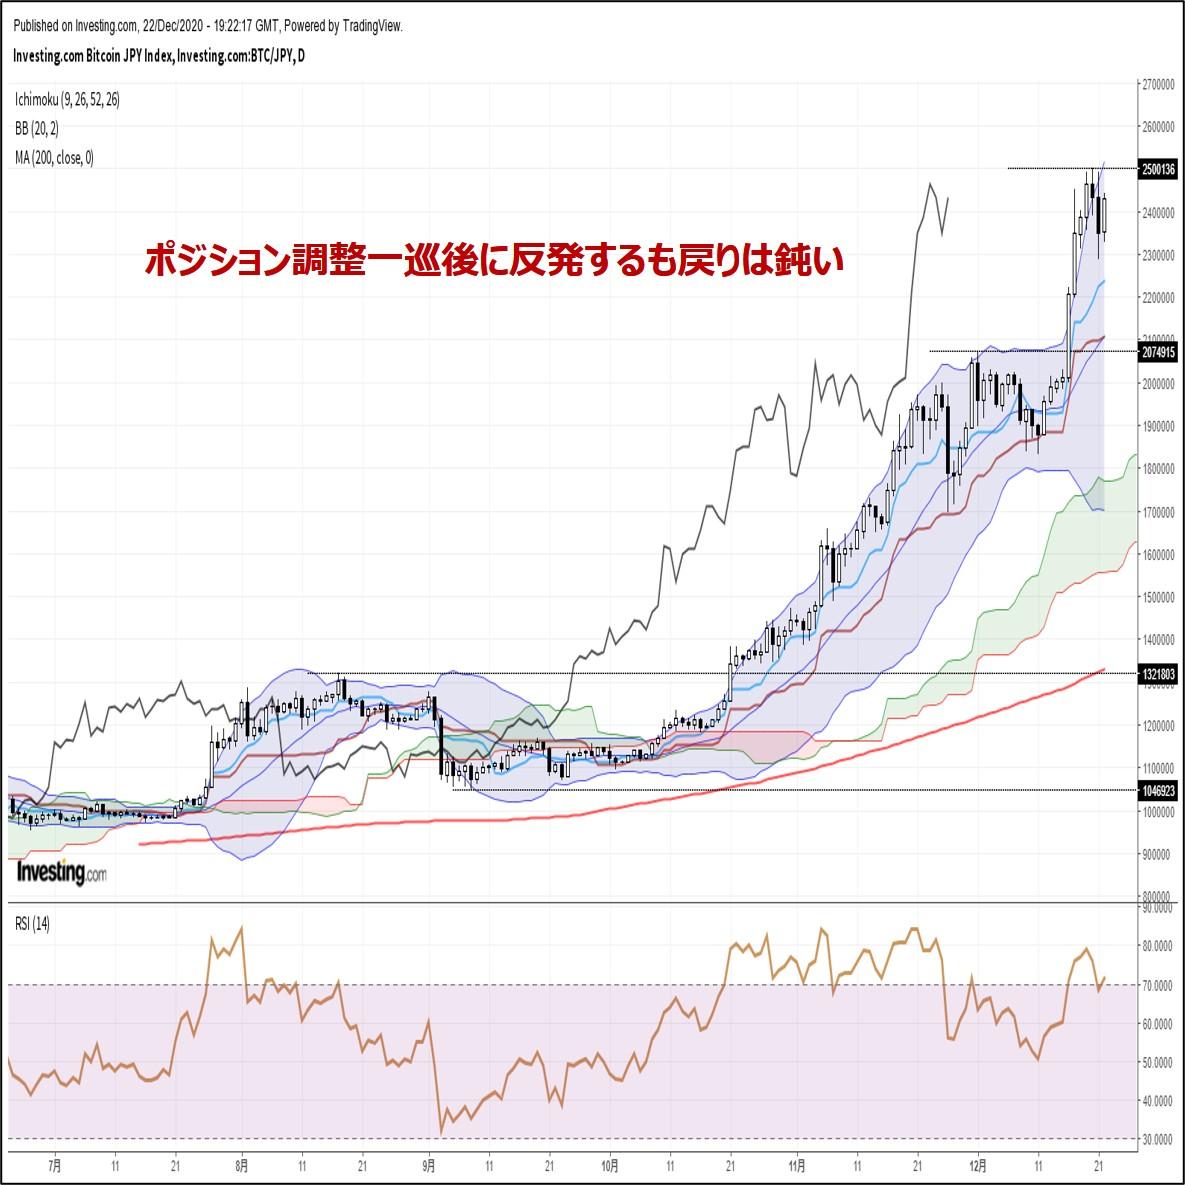 ビットコイン円、ポジション調整一巡後に反発するも戻りは鈍い(12/23朝)